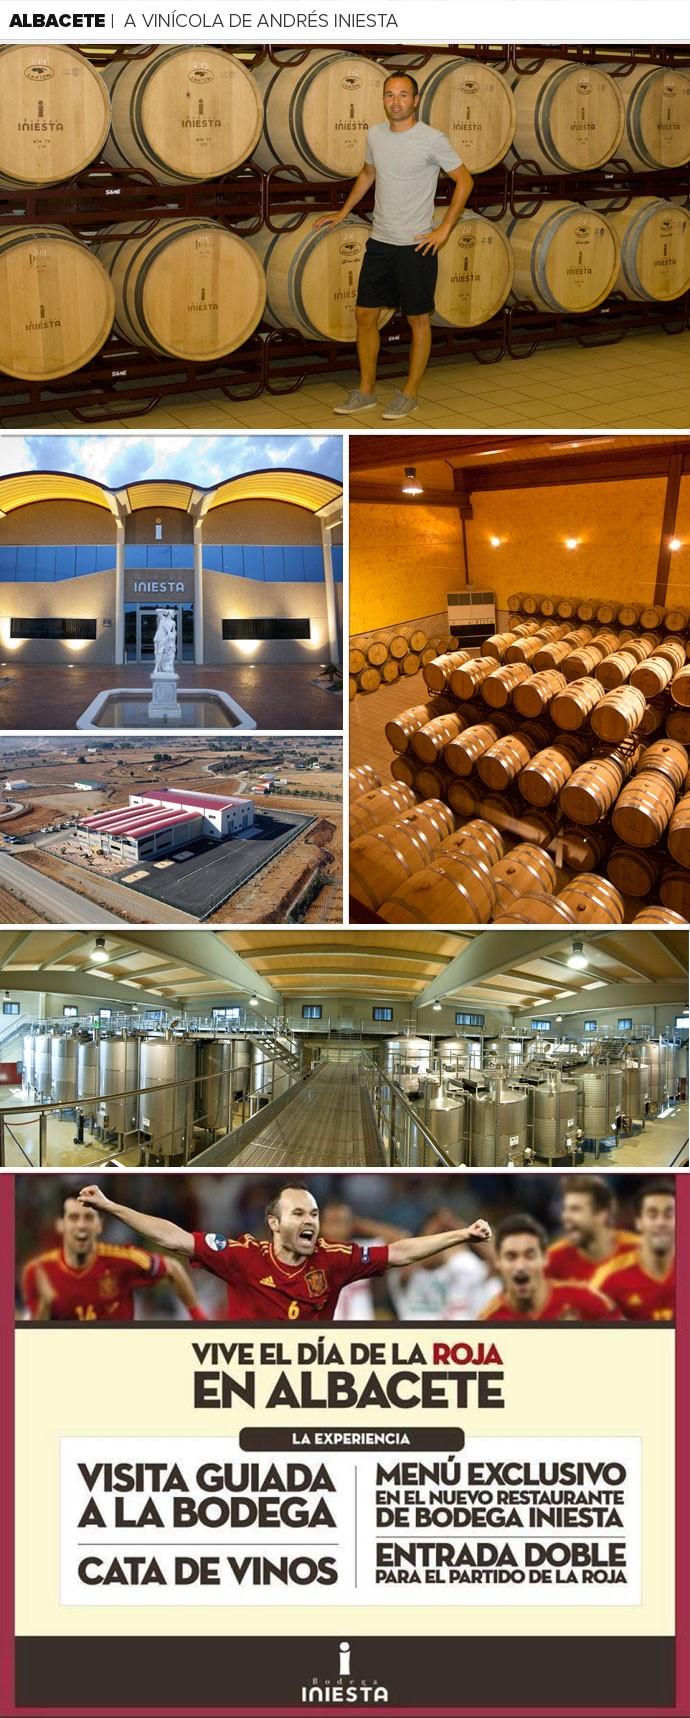 MOSAICO a vinícola de Andrés Iniesta (Foto: Reprodução site oficial Bodega Iniesta)